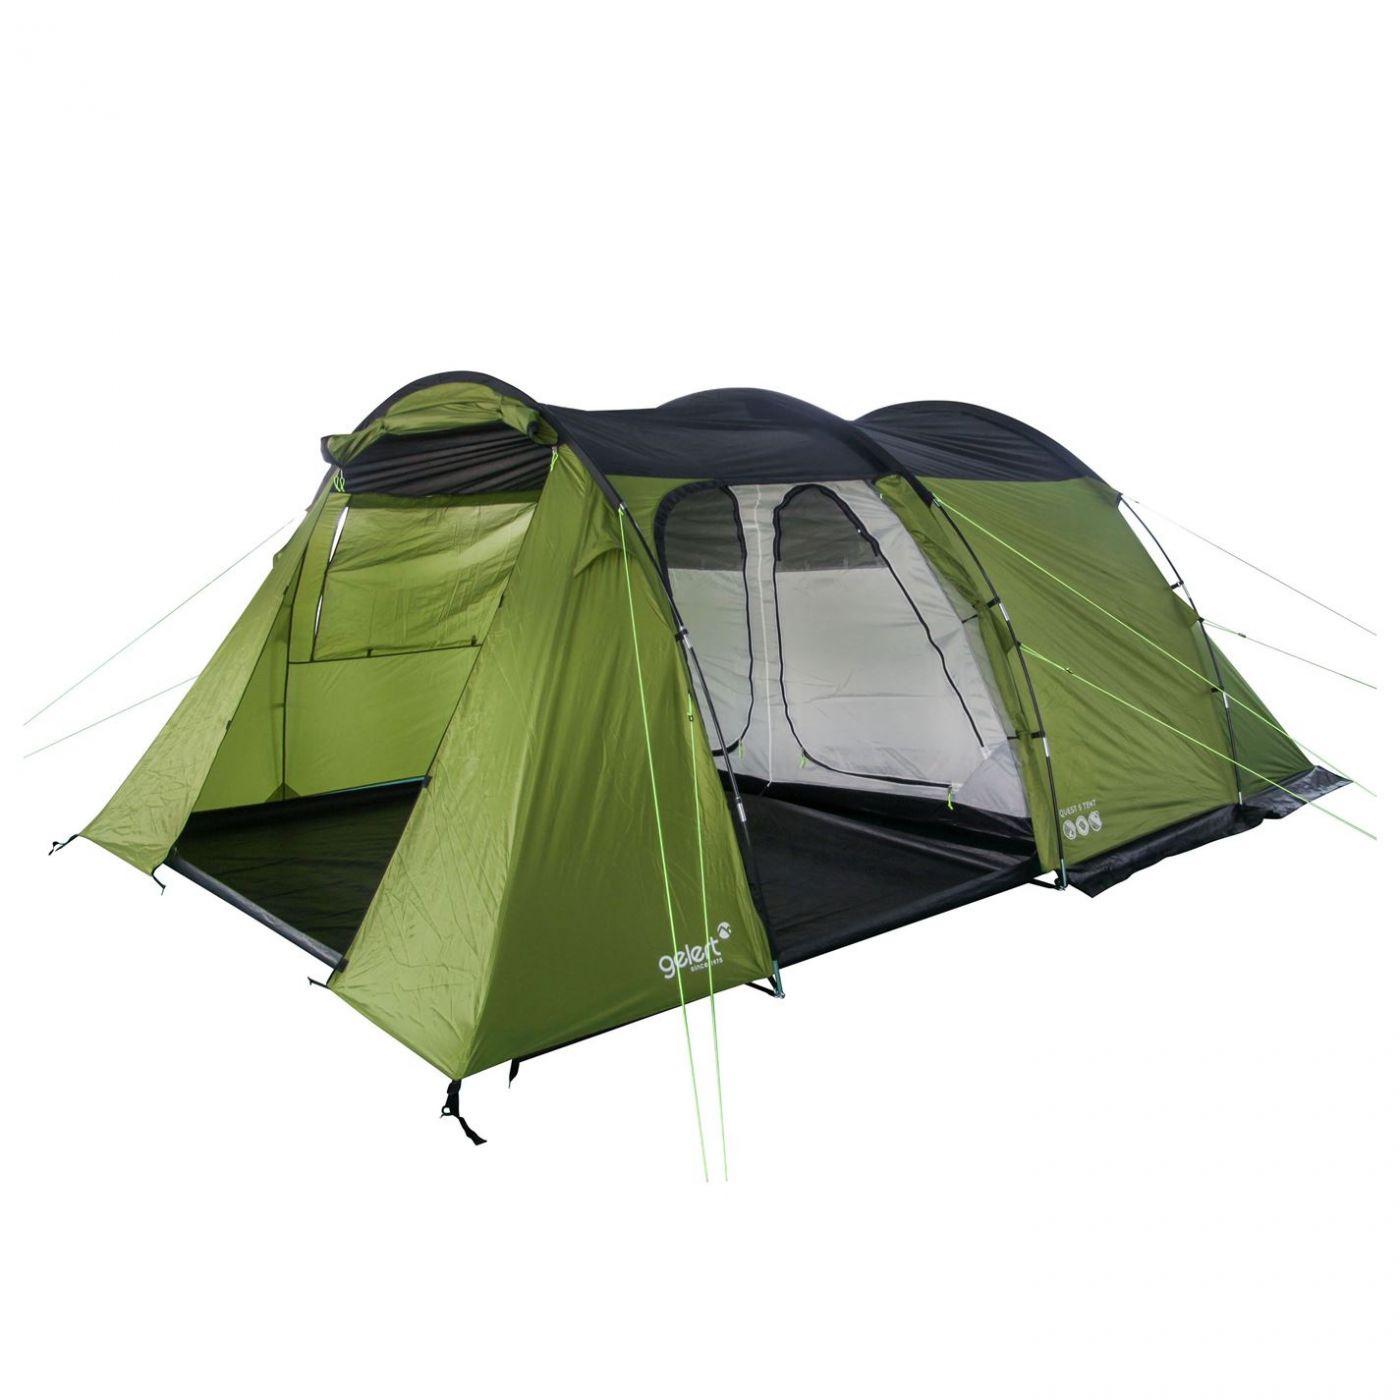 Gelert Quest 5 Tent 93